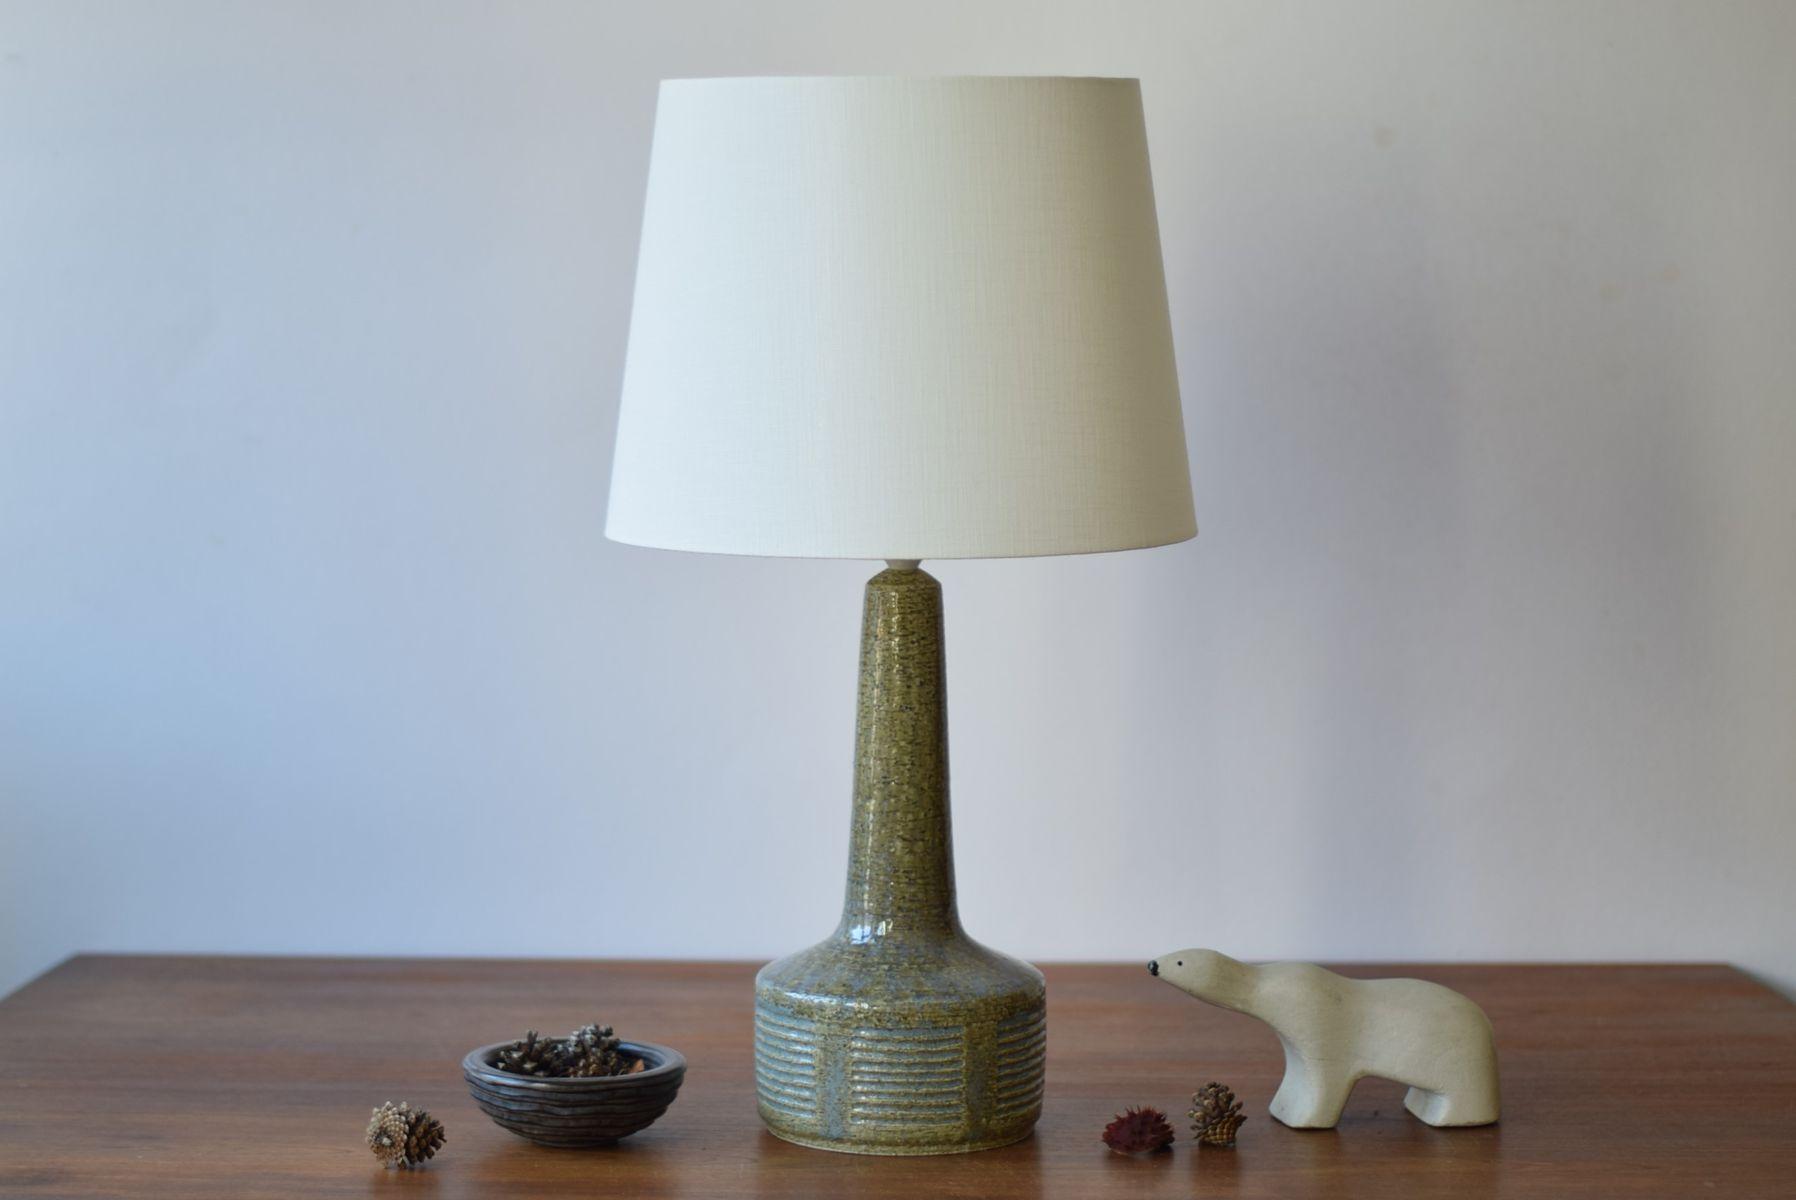 lampe de bureau scandinave mid century verte olive bleue par per linnemann schmidt pour. Black Bedroom Furniture Sets. Home Design Ideas